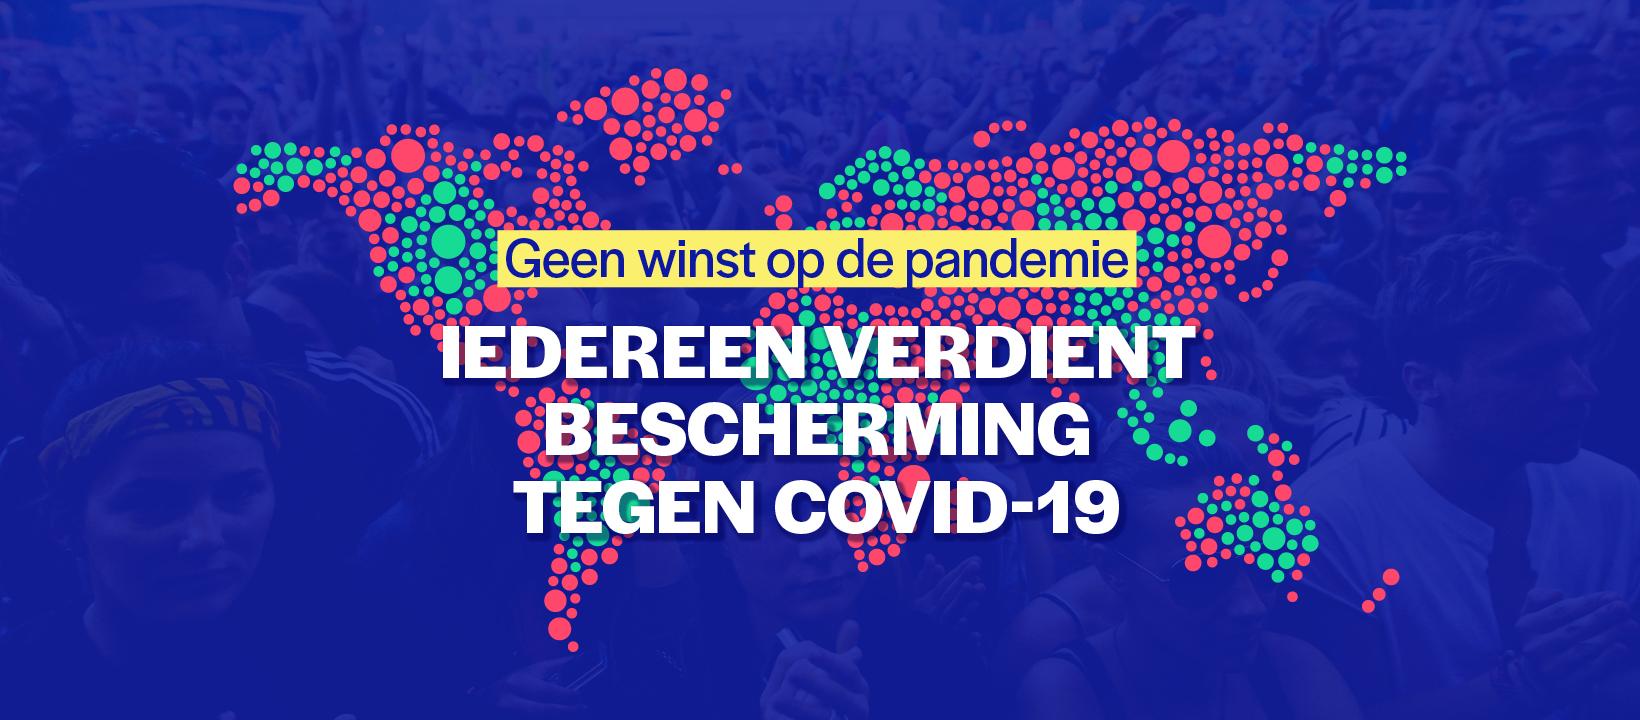 Petitie - Iedereen verdient bescherming tegen covid-19